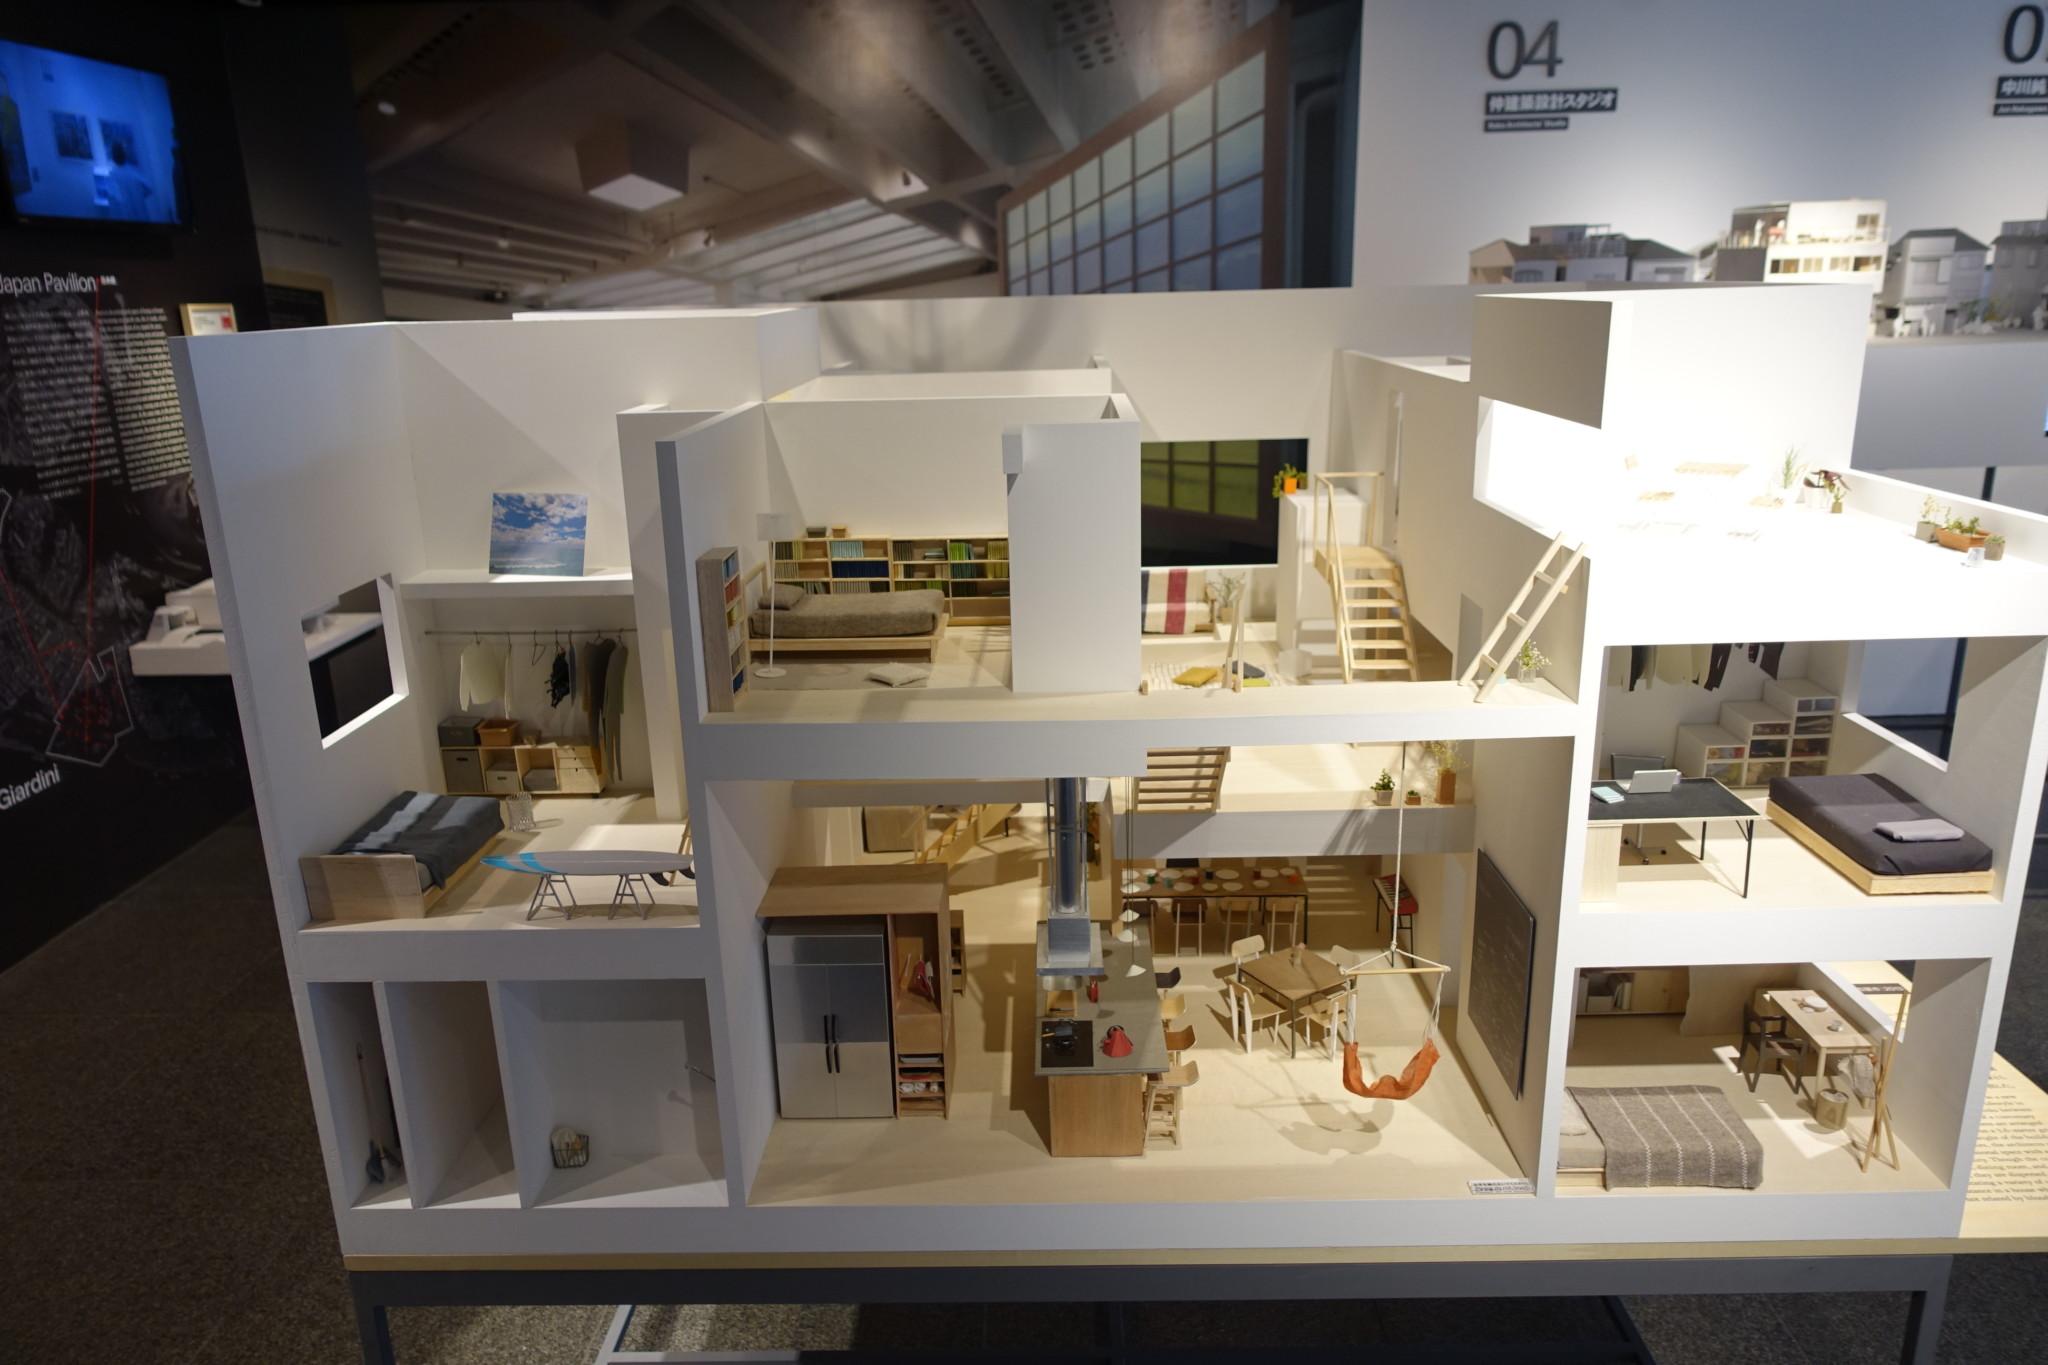 en[縁]:アート・オブ・ネクサス――第15回ヴェネチア・ビエンナーレ国際建築展日本館帰国展